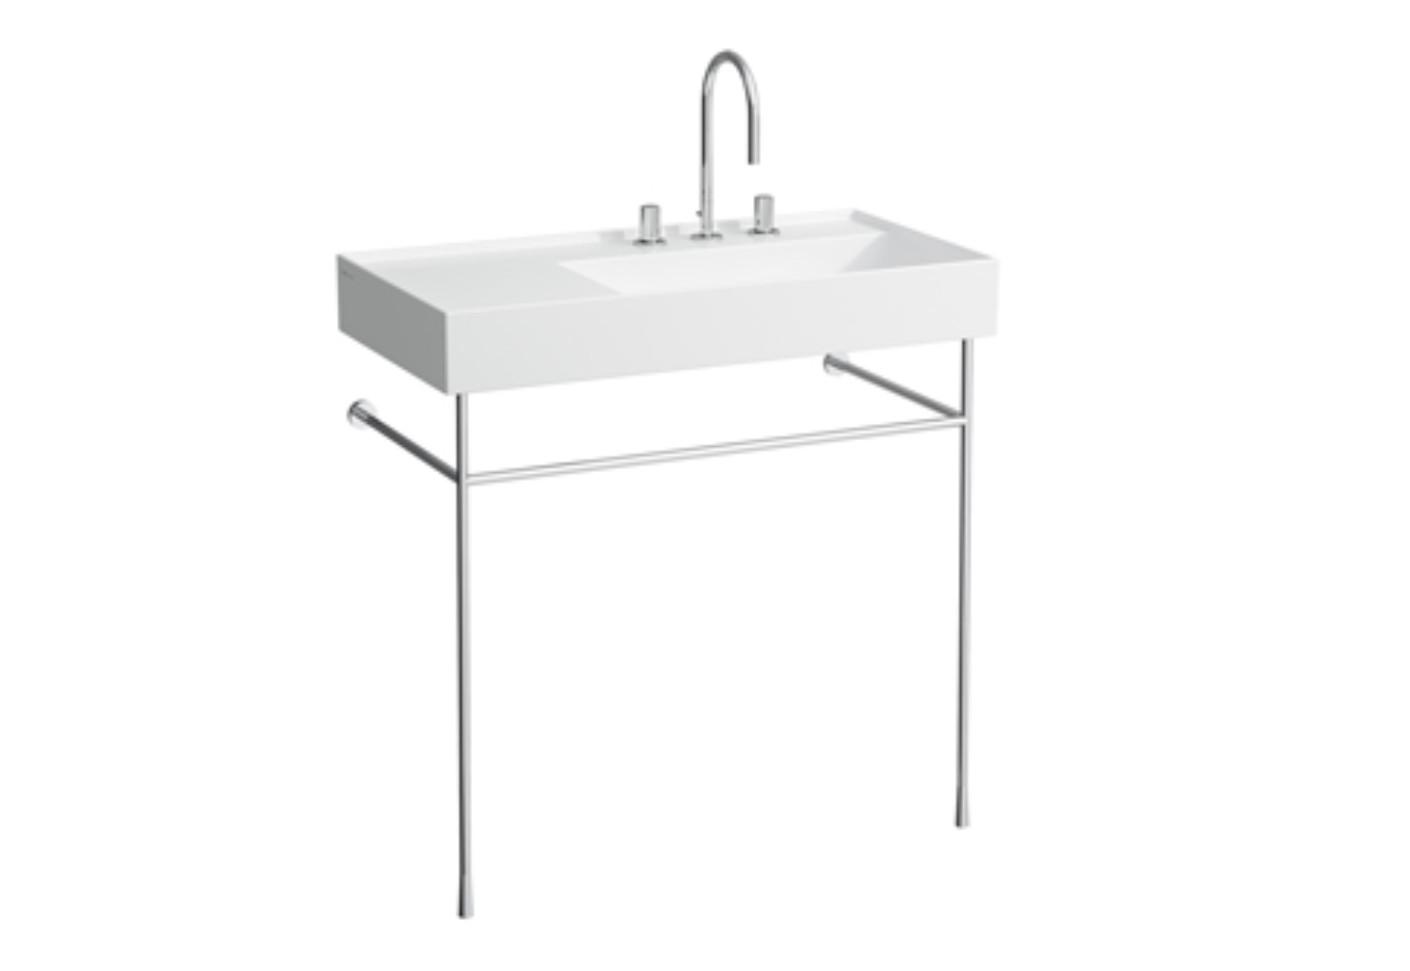 kartell by laufen bodenstehender waschtische mit ablage. Black Bedroom Furniture Sets. Home Design Ideas